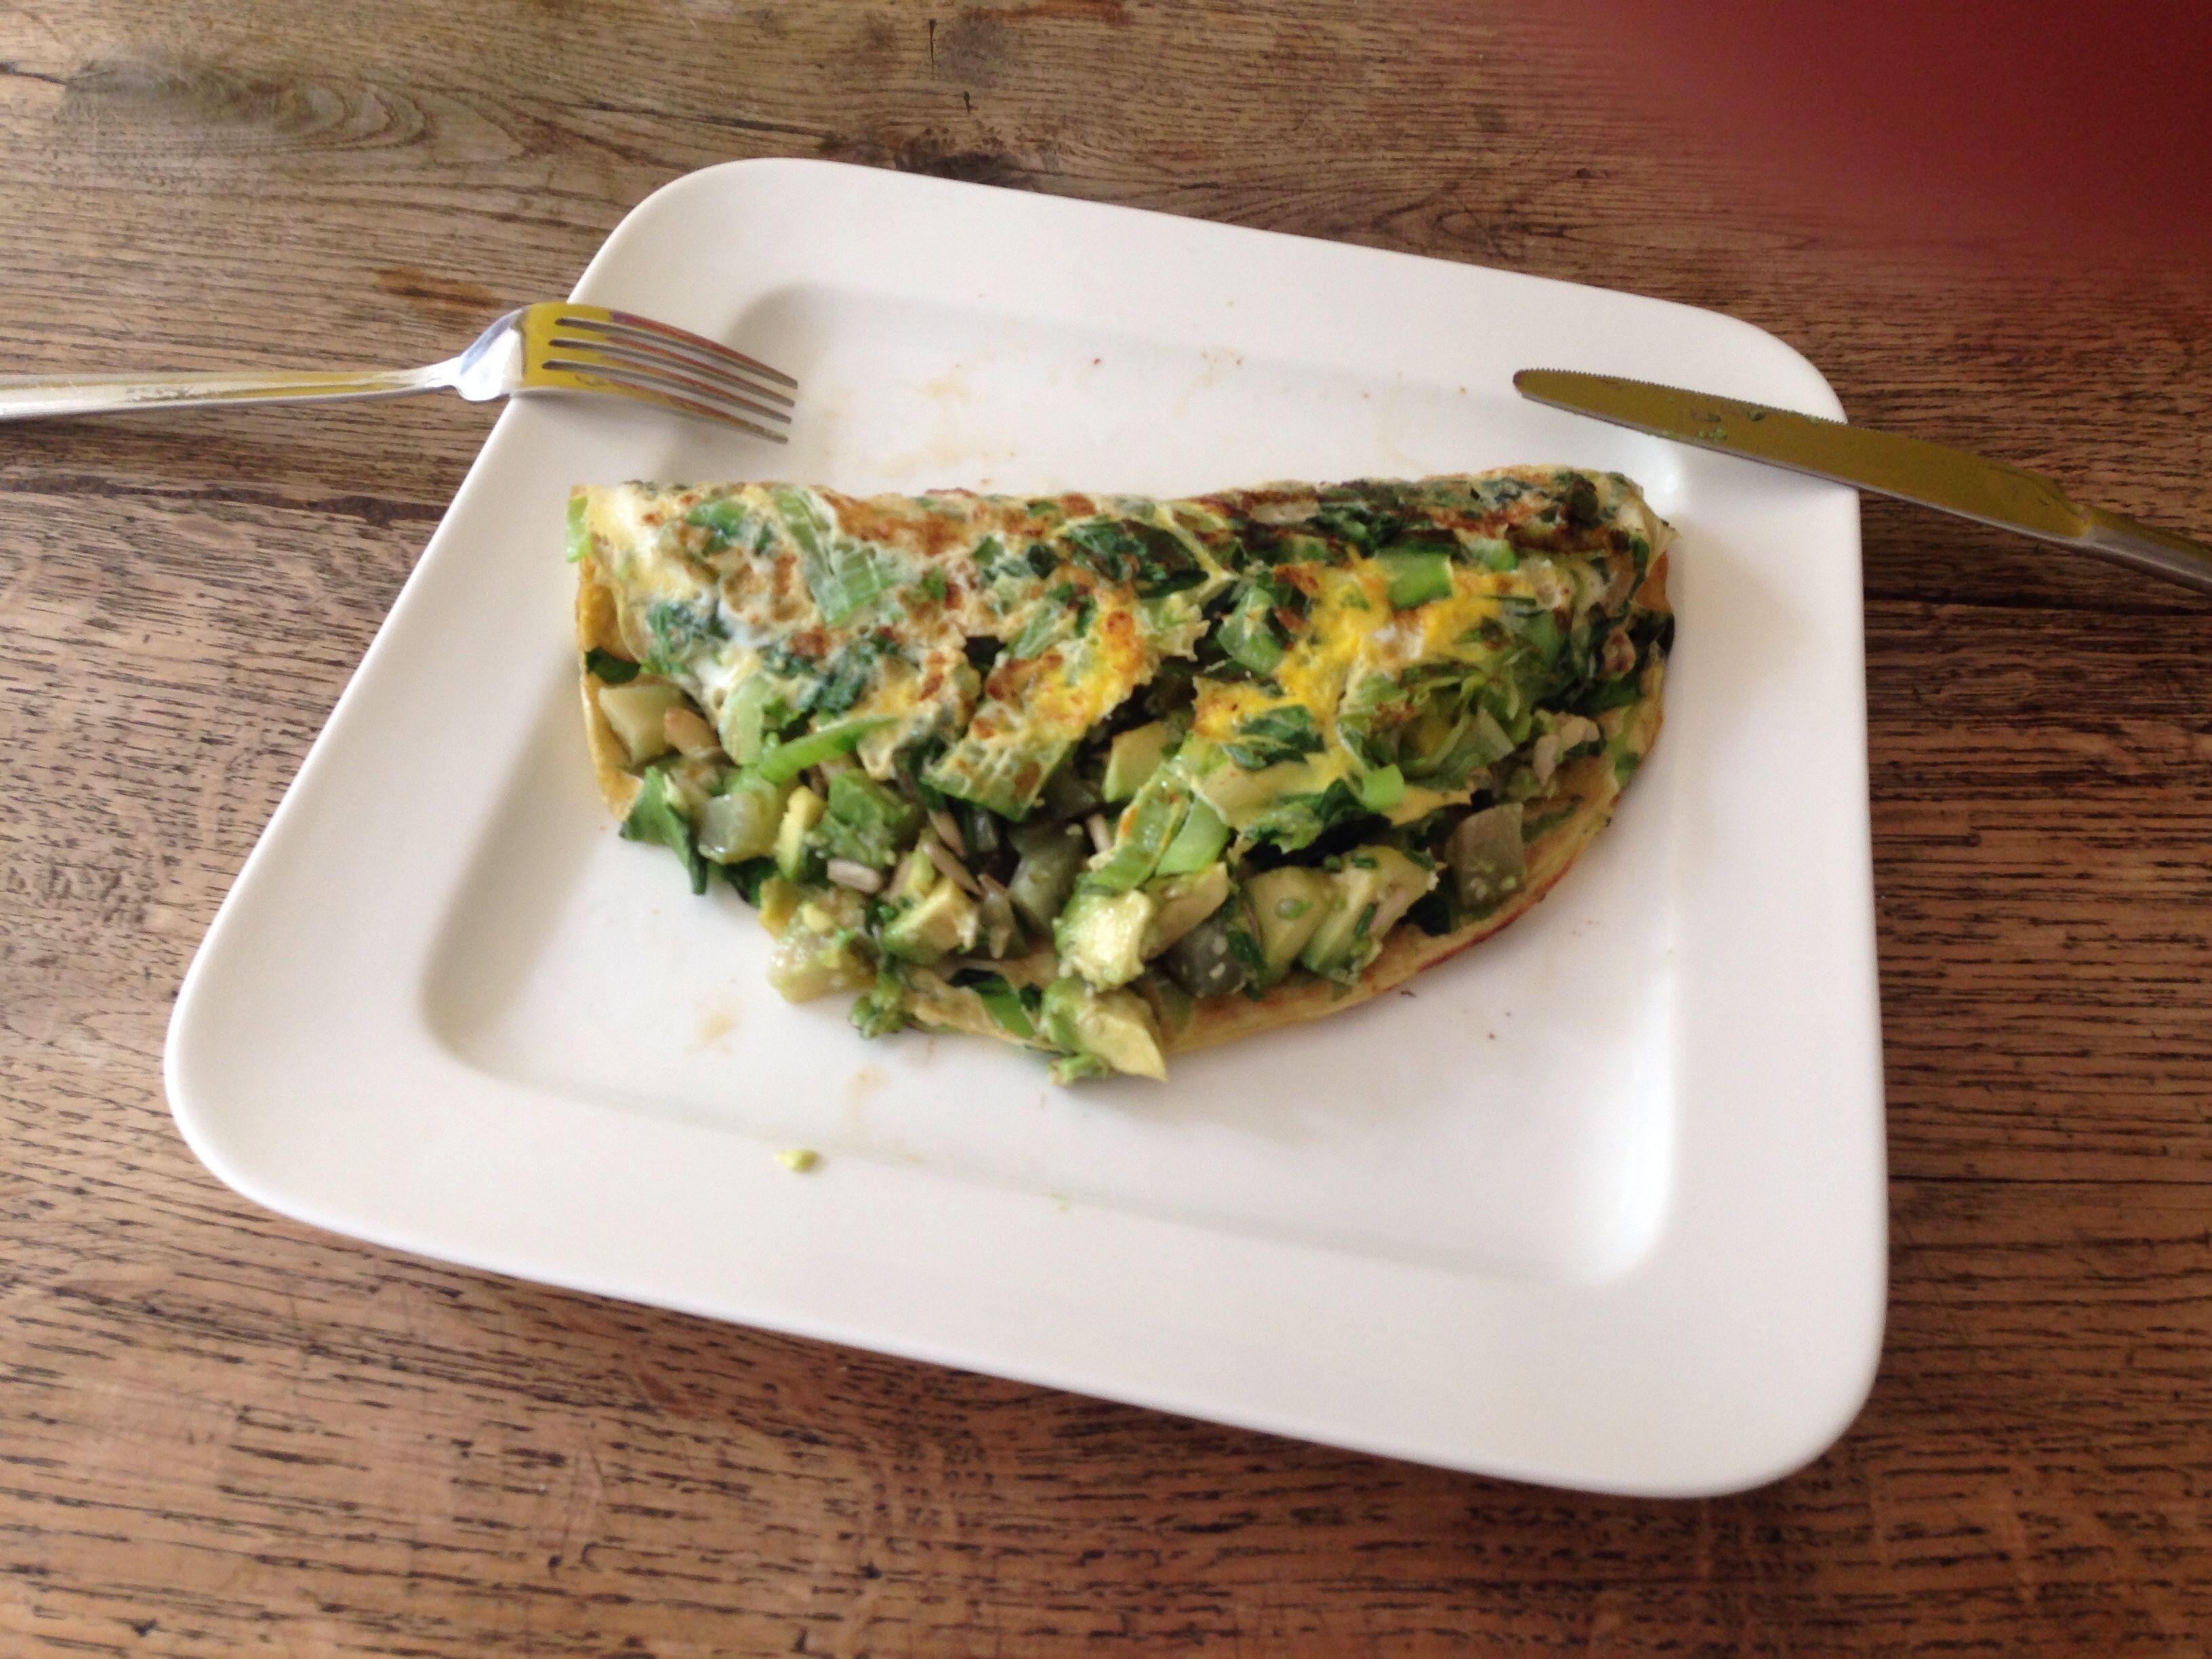 Omelet met paksoi en romeinsla. Met een avocado, augurk, zonnebloempitten, hennepzaad en bieslook vulling.